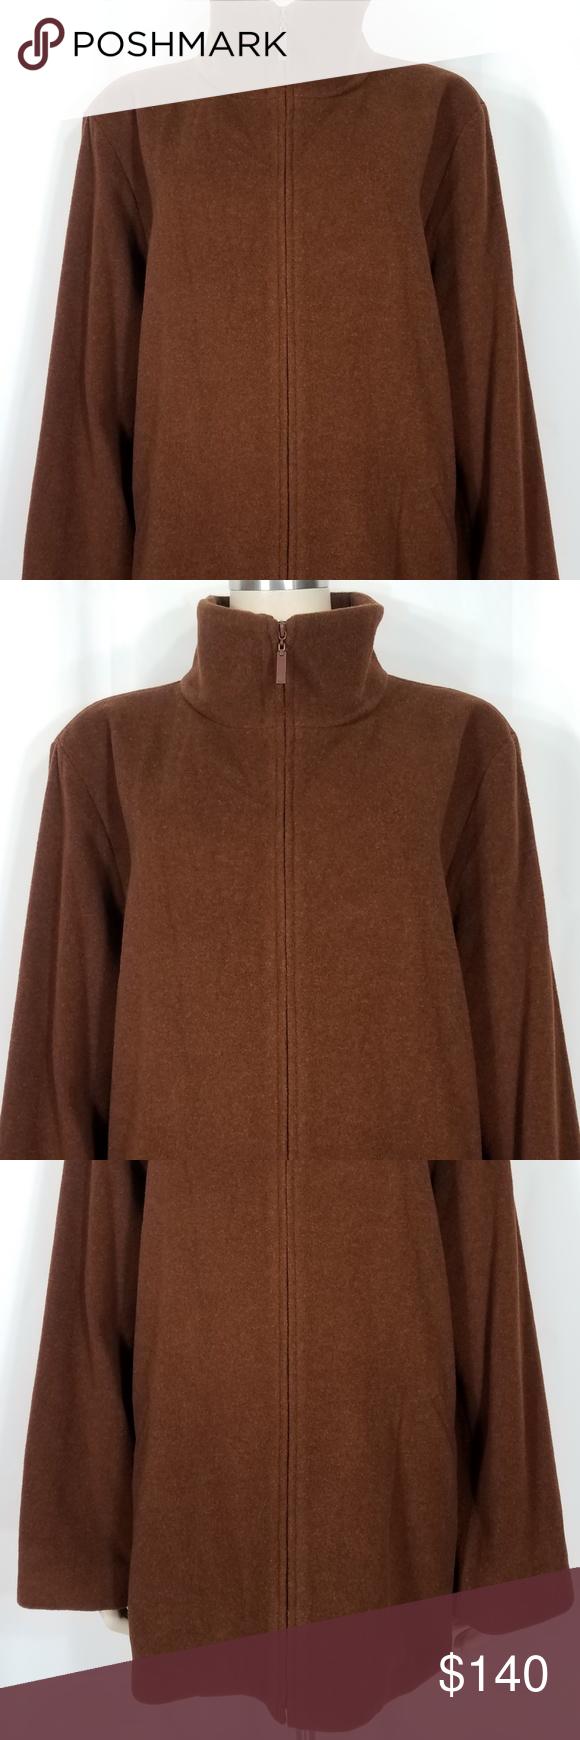 Eileen Fisher Brown Wool Zip Up Coat Womens 3x Ladies Full Zip Jacket Coat Eileen Fisher Brand Size 3x Coats For Women Eileen Fisher Jacket Clothes Design [ 1740 x 580 Pixel ]